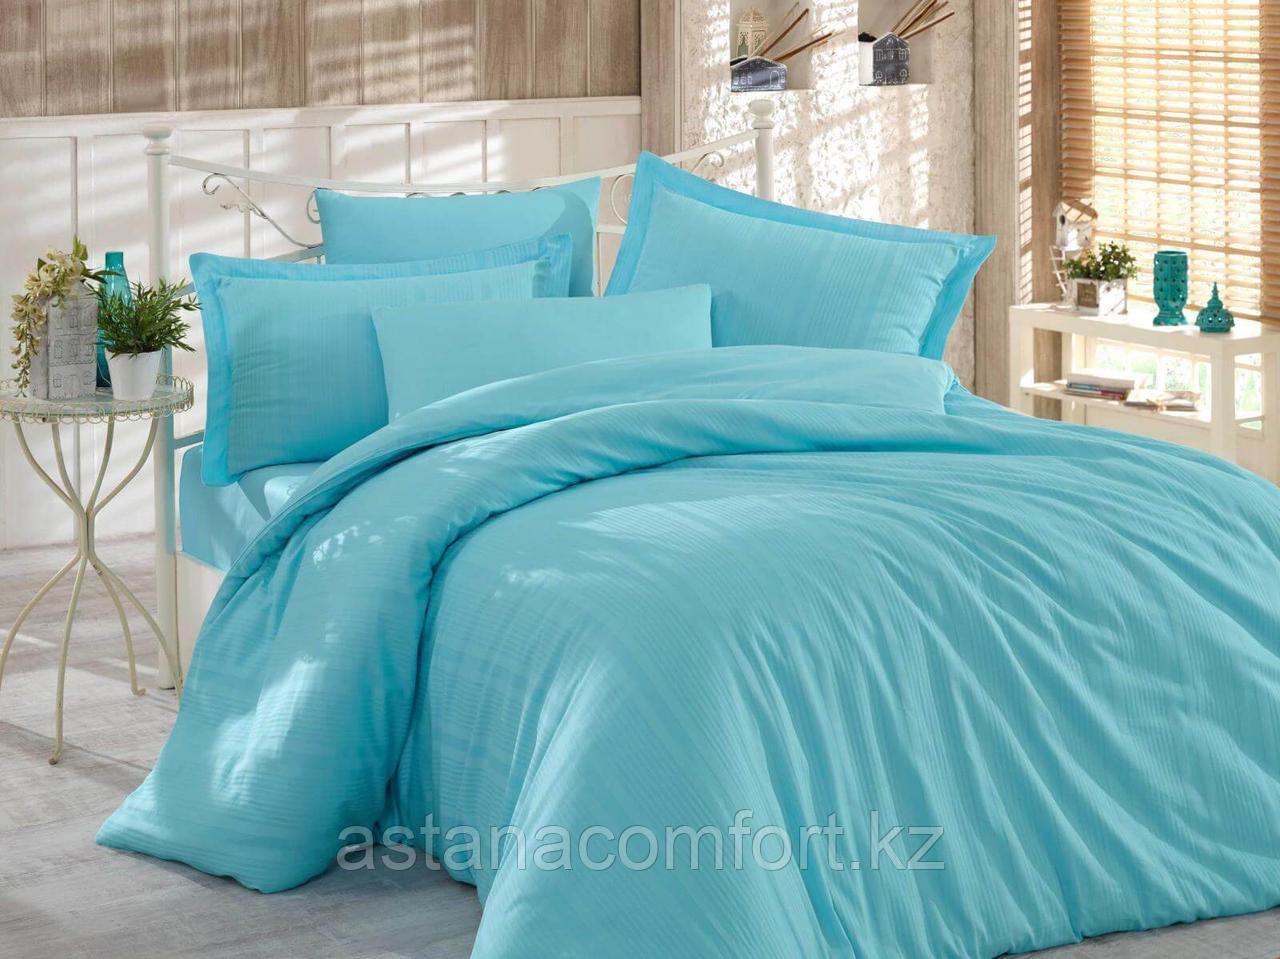 Комплект постельного белья 1,5-спальный, сатин. Россия